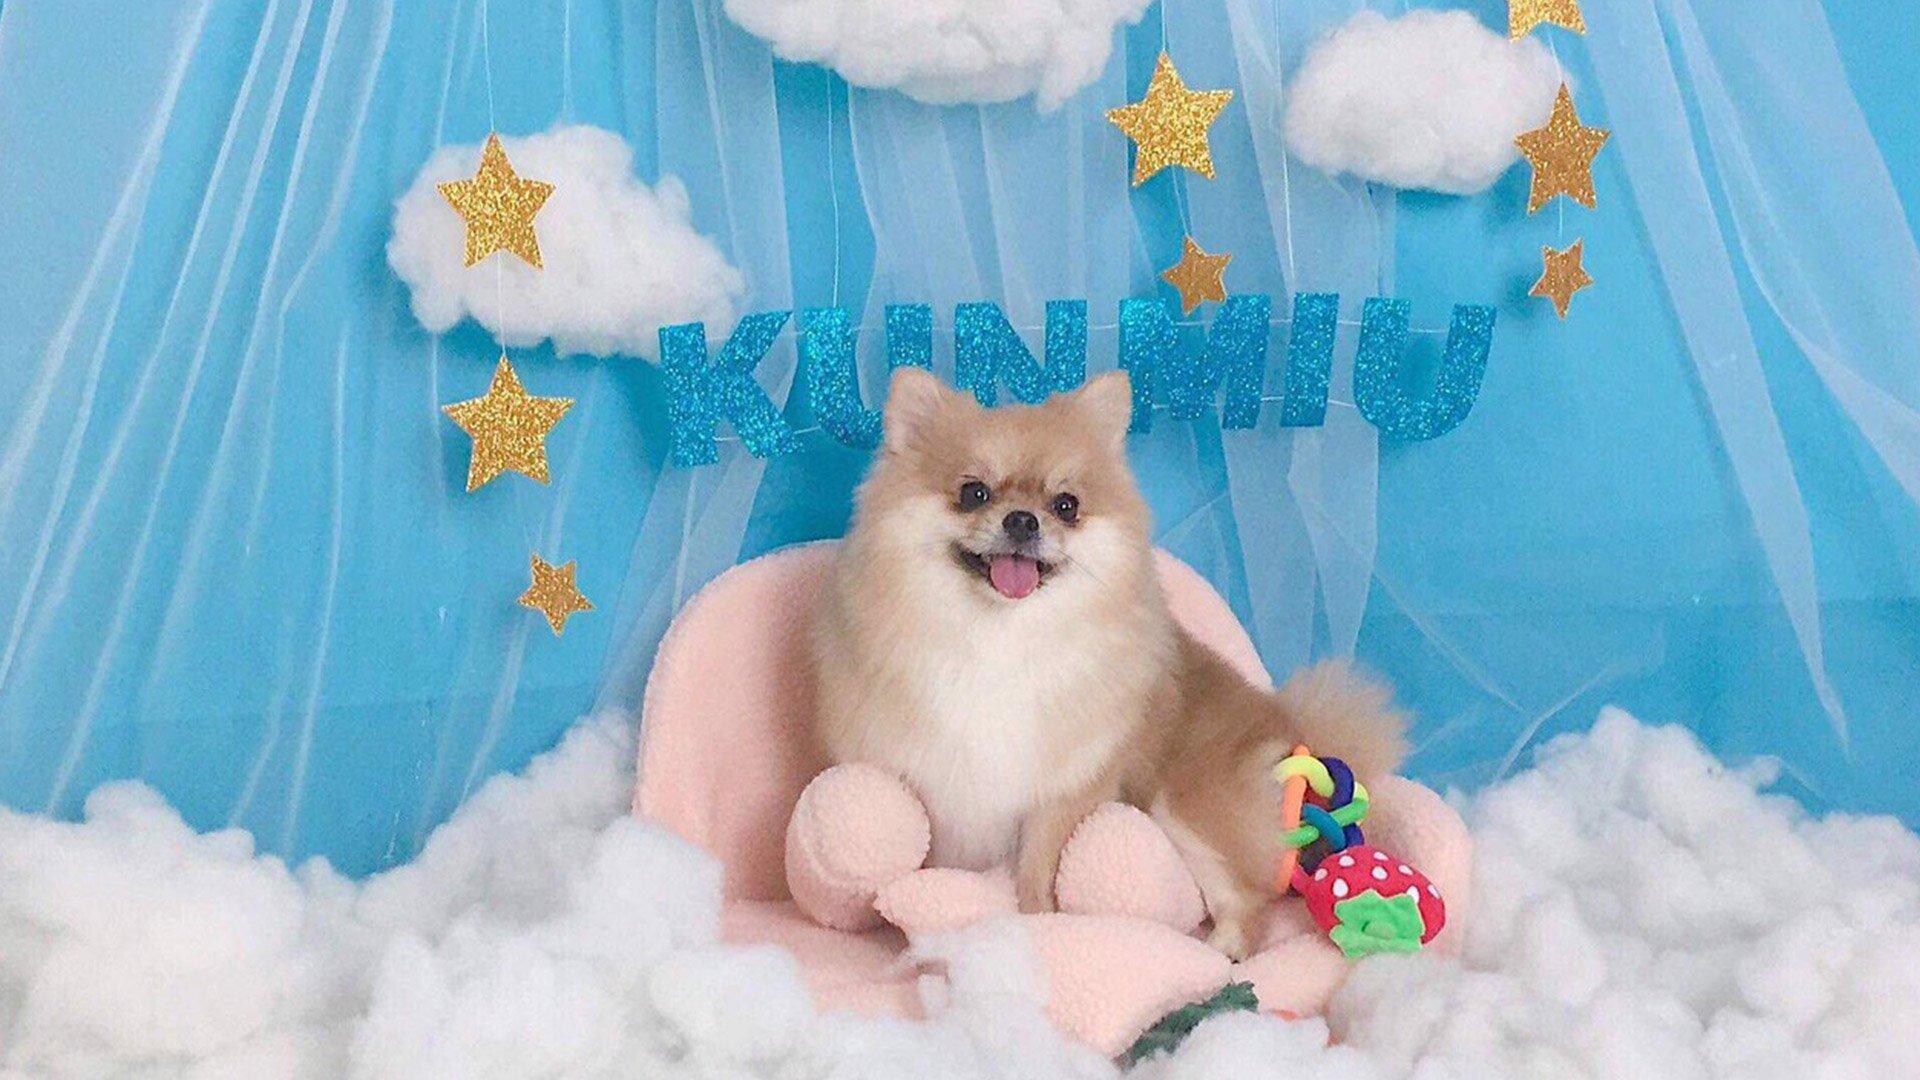 Kún Miu Pet Shop giảm 30% dịch vụ spa thú cưng với VinID Voucher